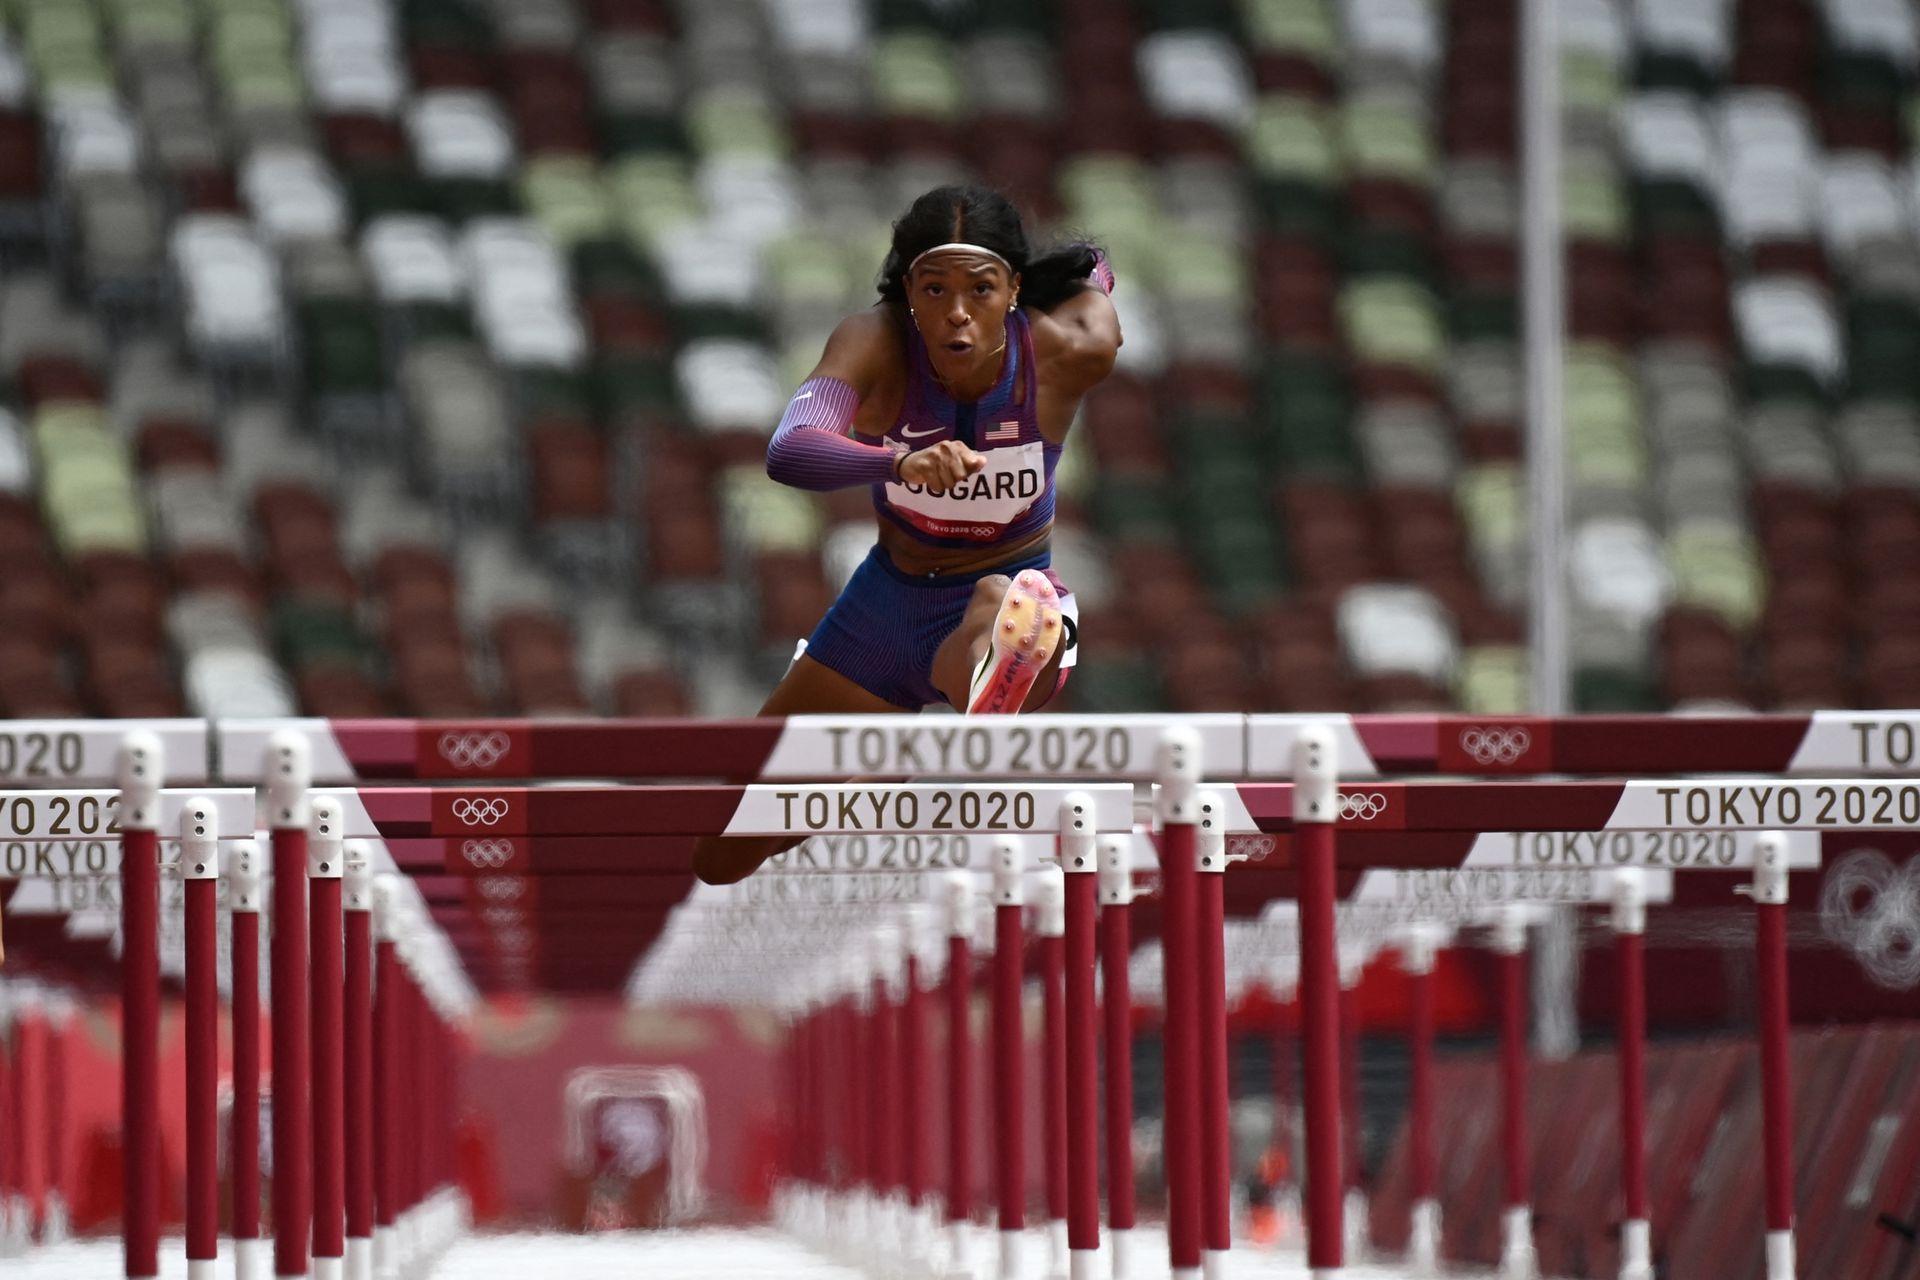 La estadounidense Erica Bougard compite en los 100 metros con vallas en el Estadio Olímpico de Tokio el 4 de agosto de 2021.